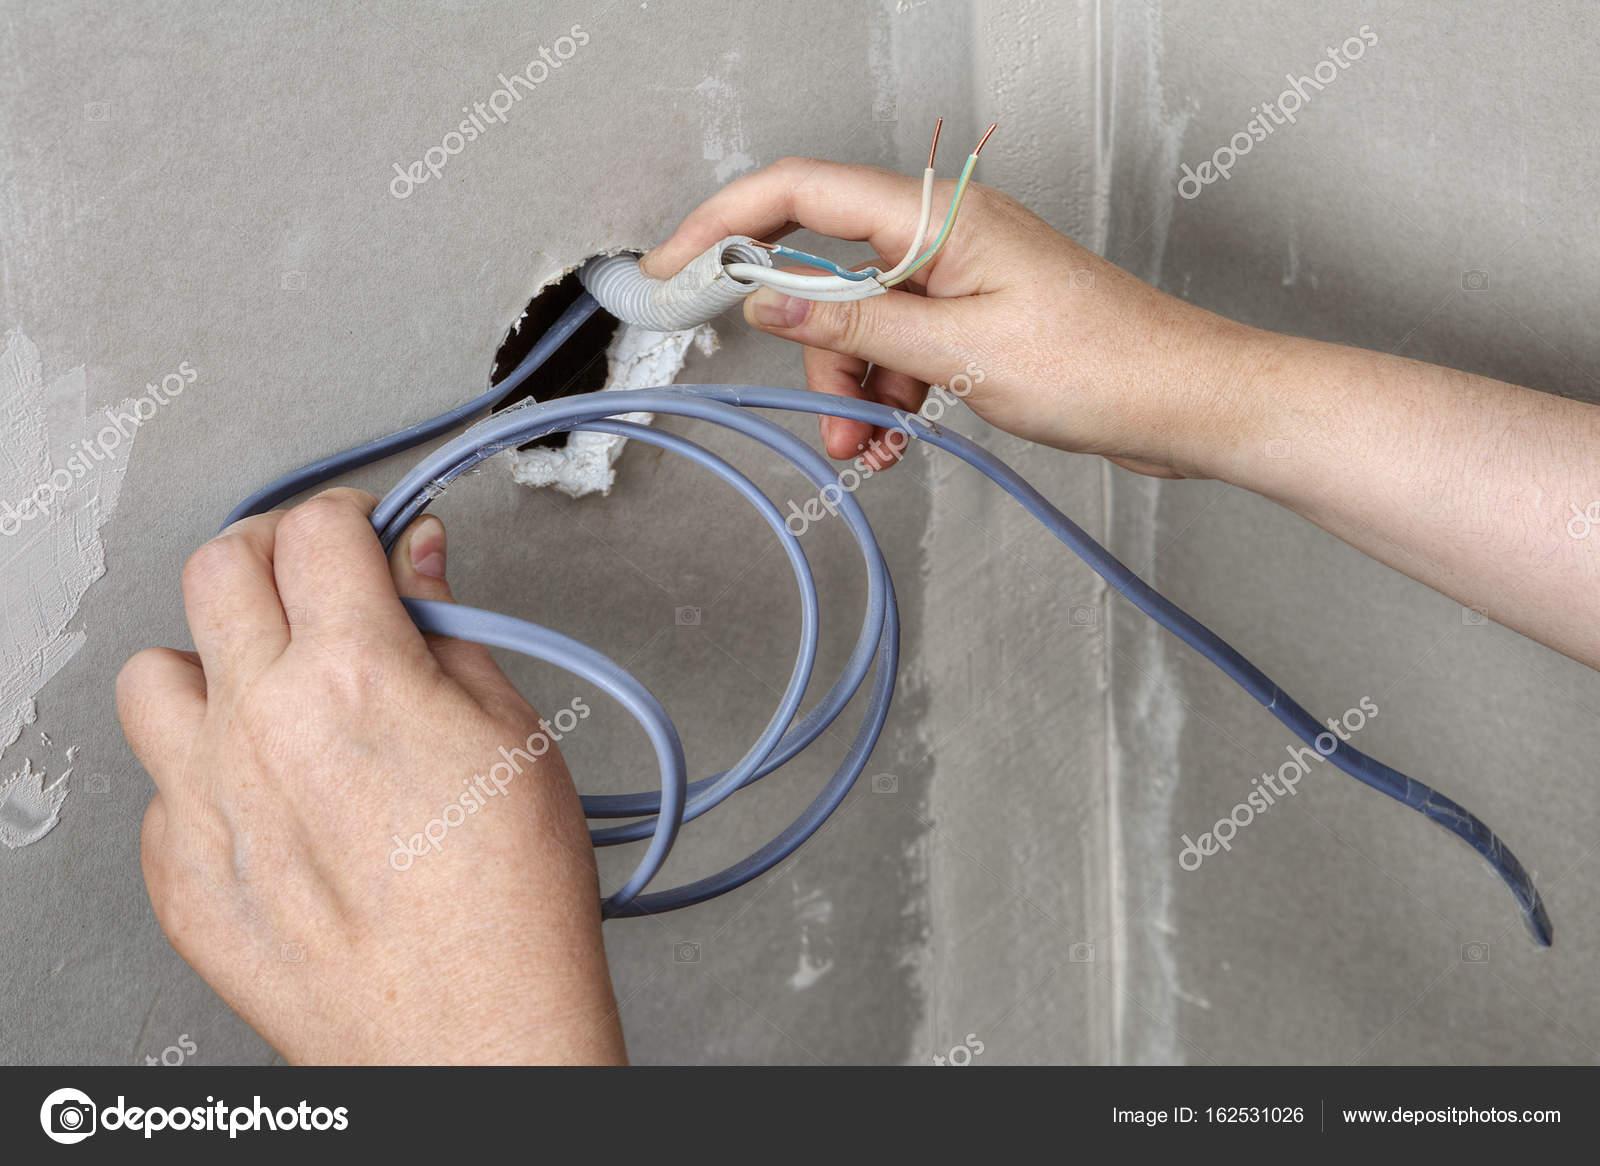 Wand Loch Kabel durchziehen, Hände Elektriker Nahaufnahme ...